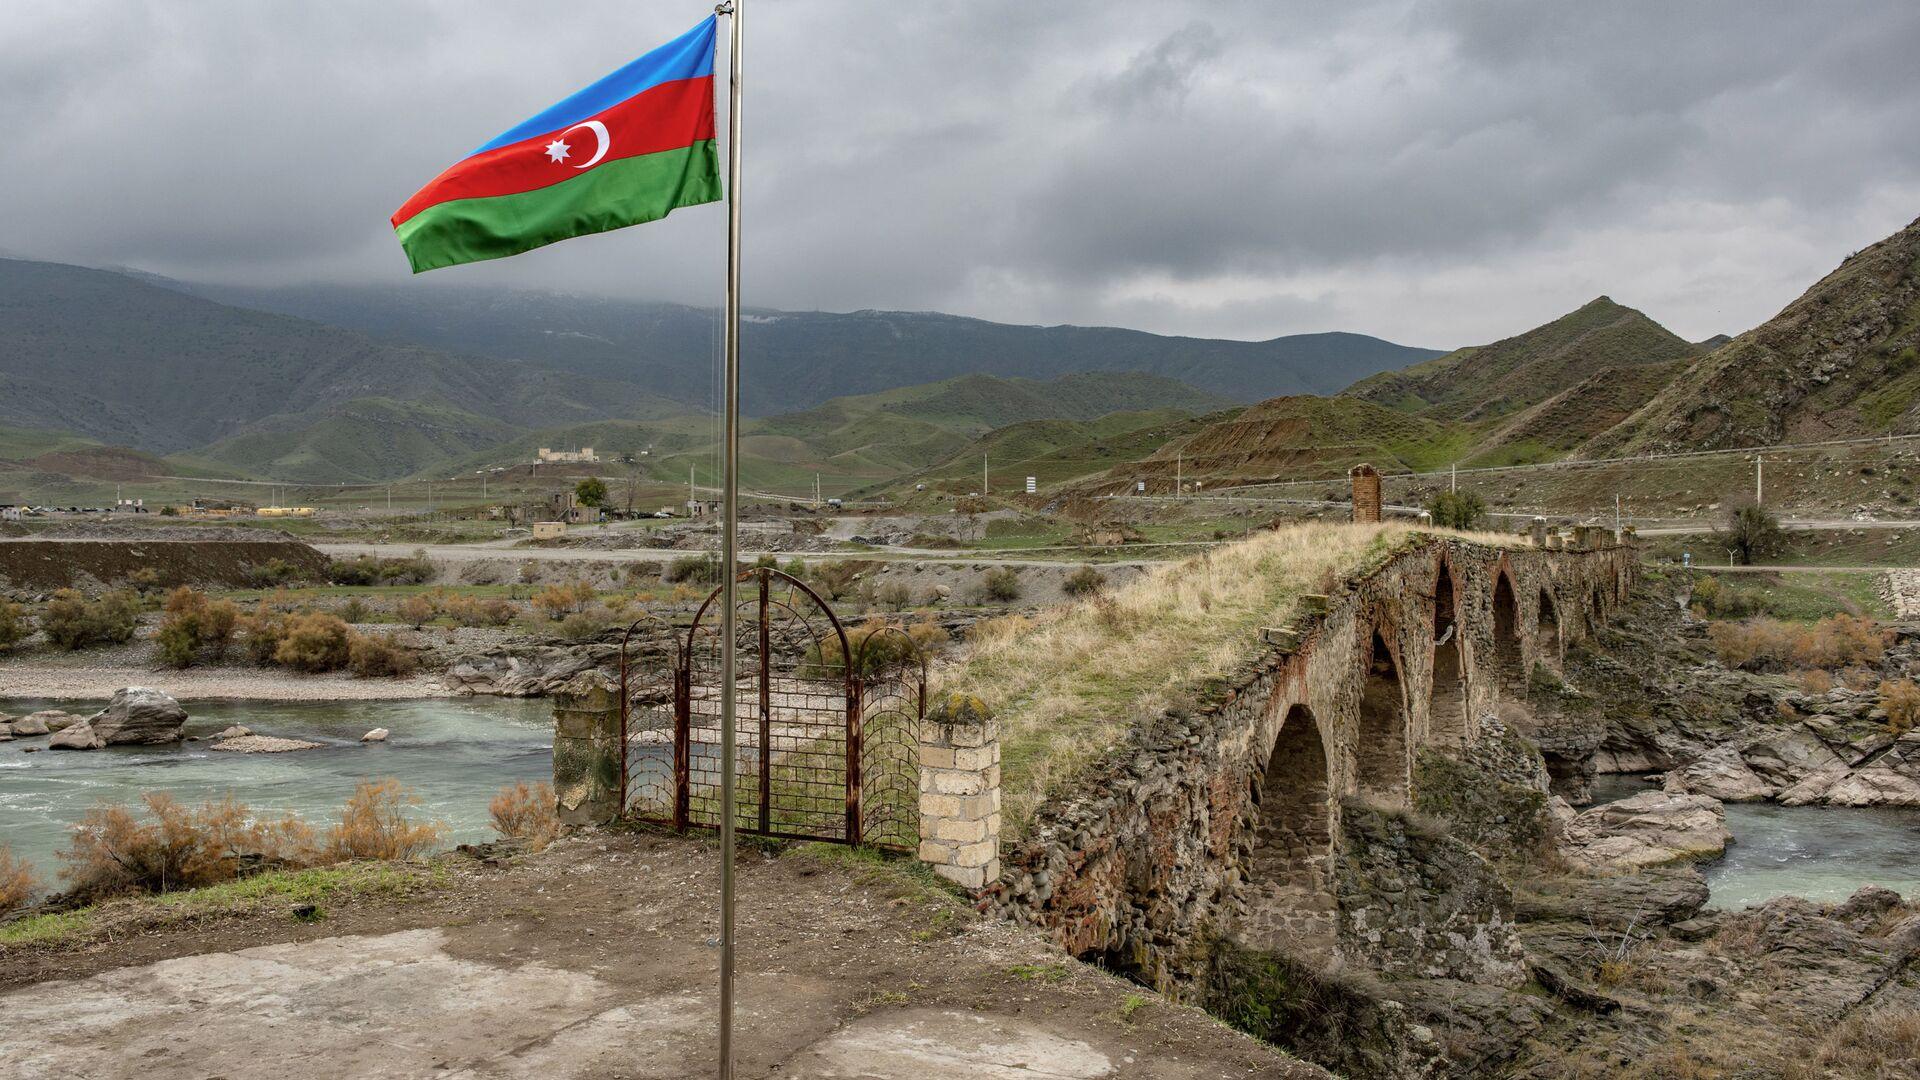 Azərbaycan bayrağı Xudafərin körpüsünün yaxınlığında, arxiv şəkli - Sputnik Azərbaycan, 1920, 12.10.2021